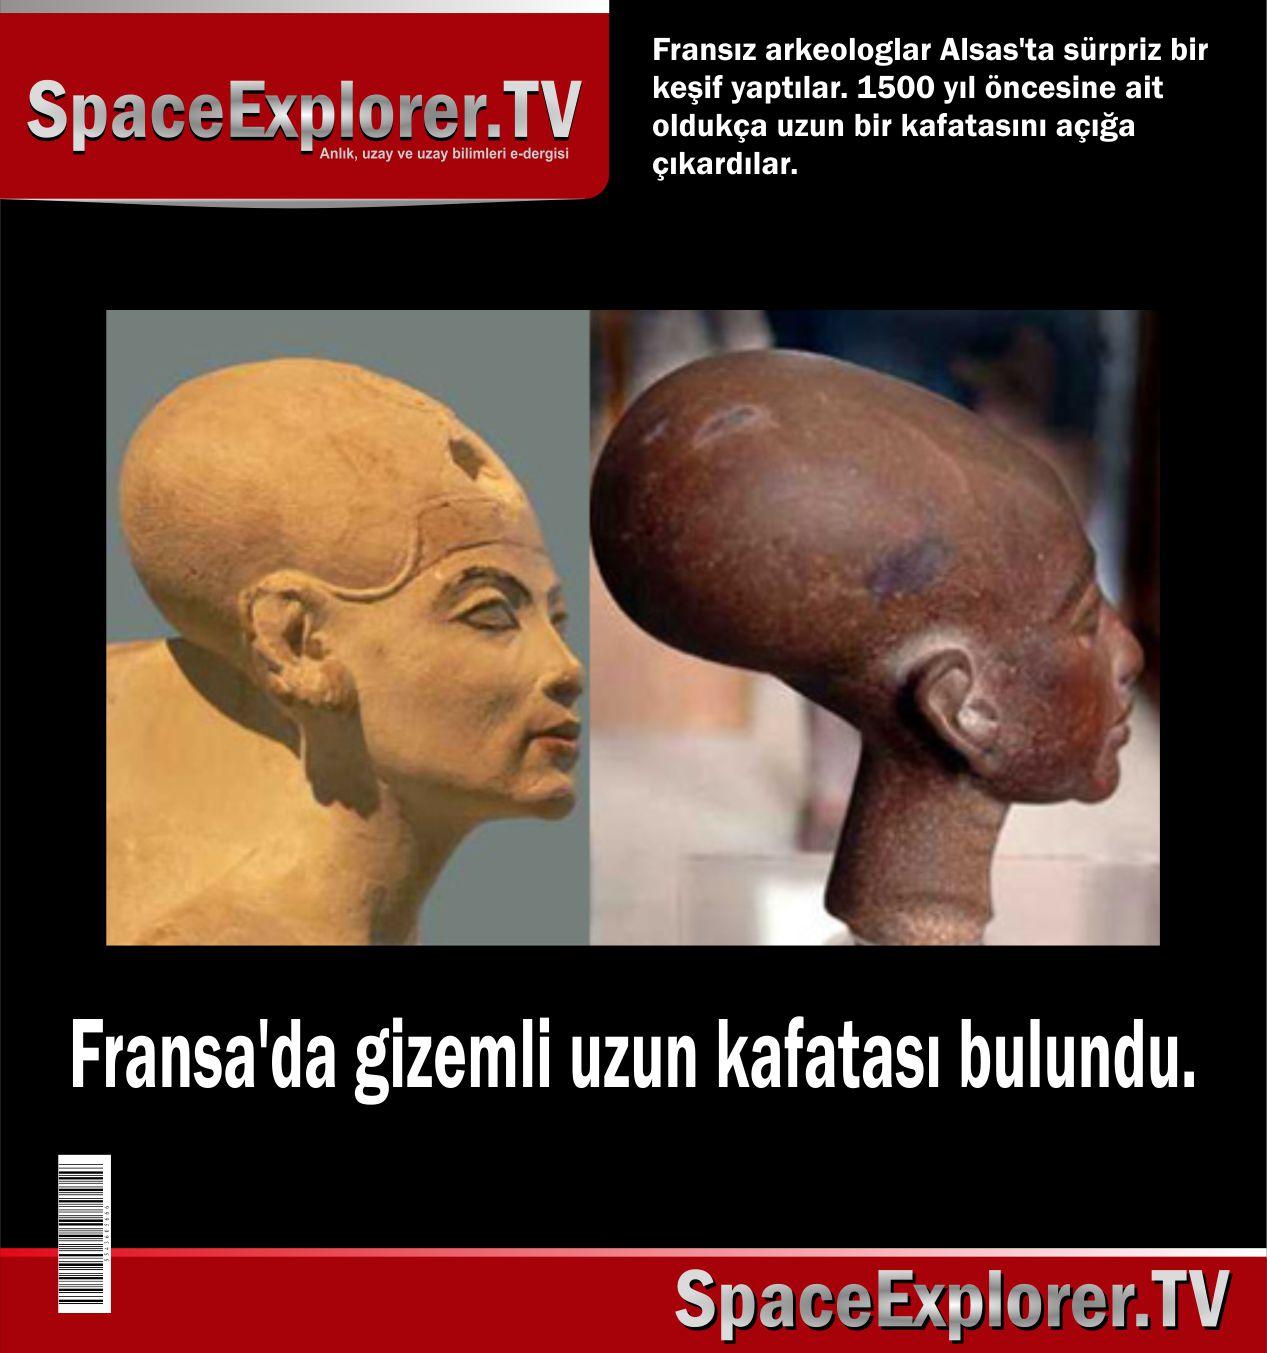 Fransa, Uzun kafatasları, Mısır, Antik Mısır, Piramitler, Geçmiş teknoloji devirleri, Antik şehirler, Space Explorer,